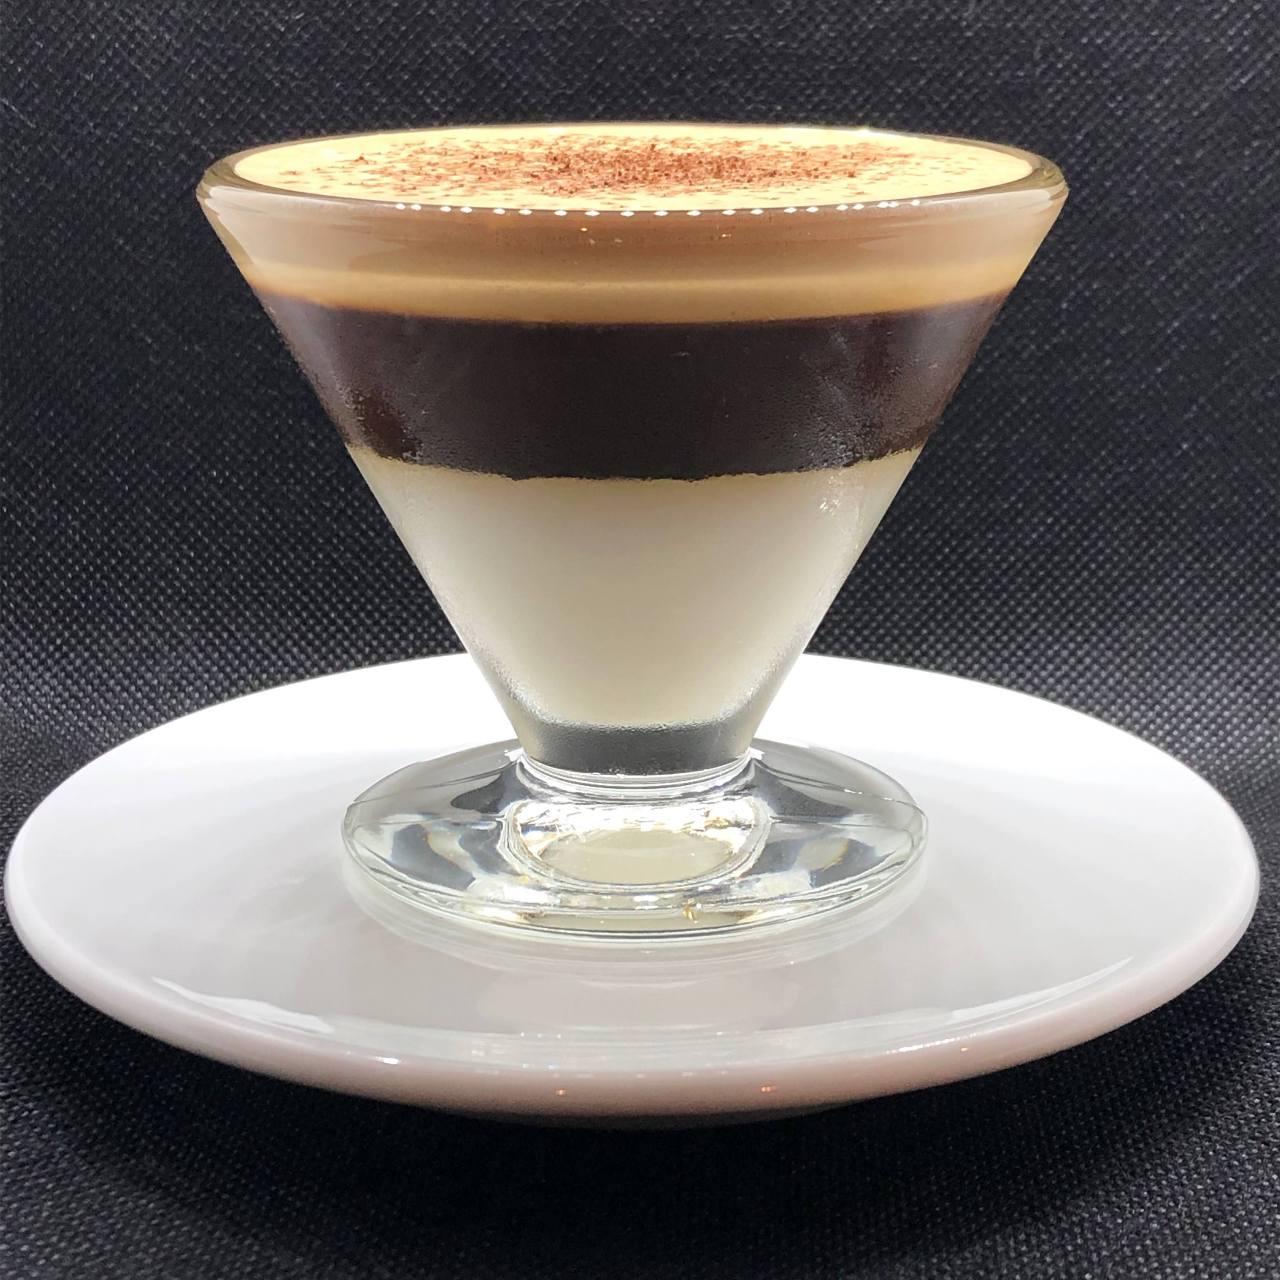 ピエトレオリジナルコーヒーゼリー